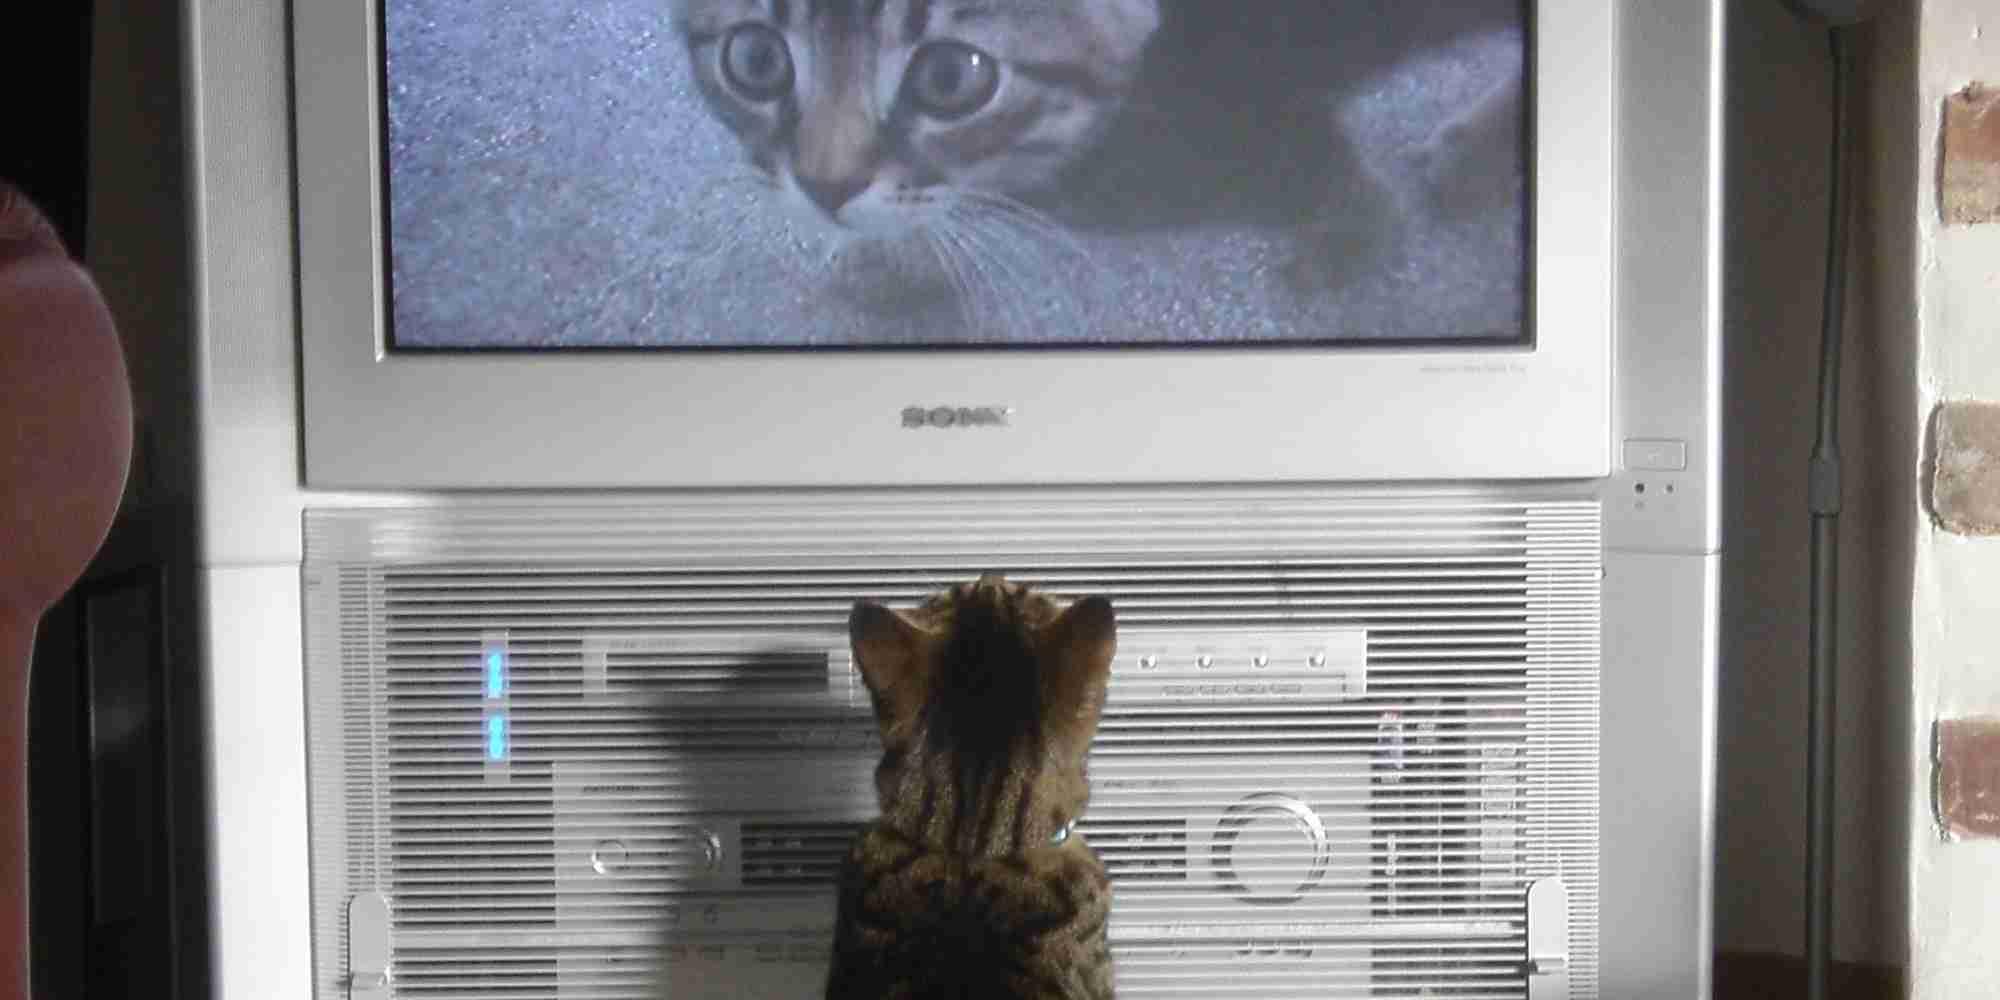 もはや世帯視聴率だけでテレビを測る時代ではない〜新世紀テレビ大学「TVデータ最前線」開催〜 境 治